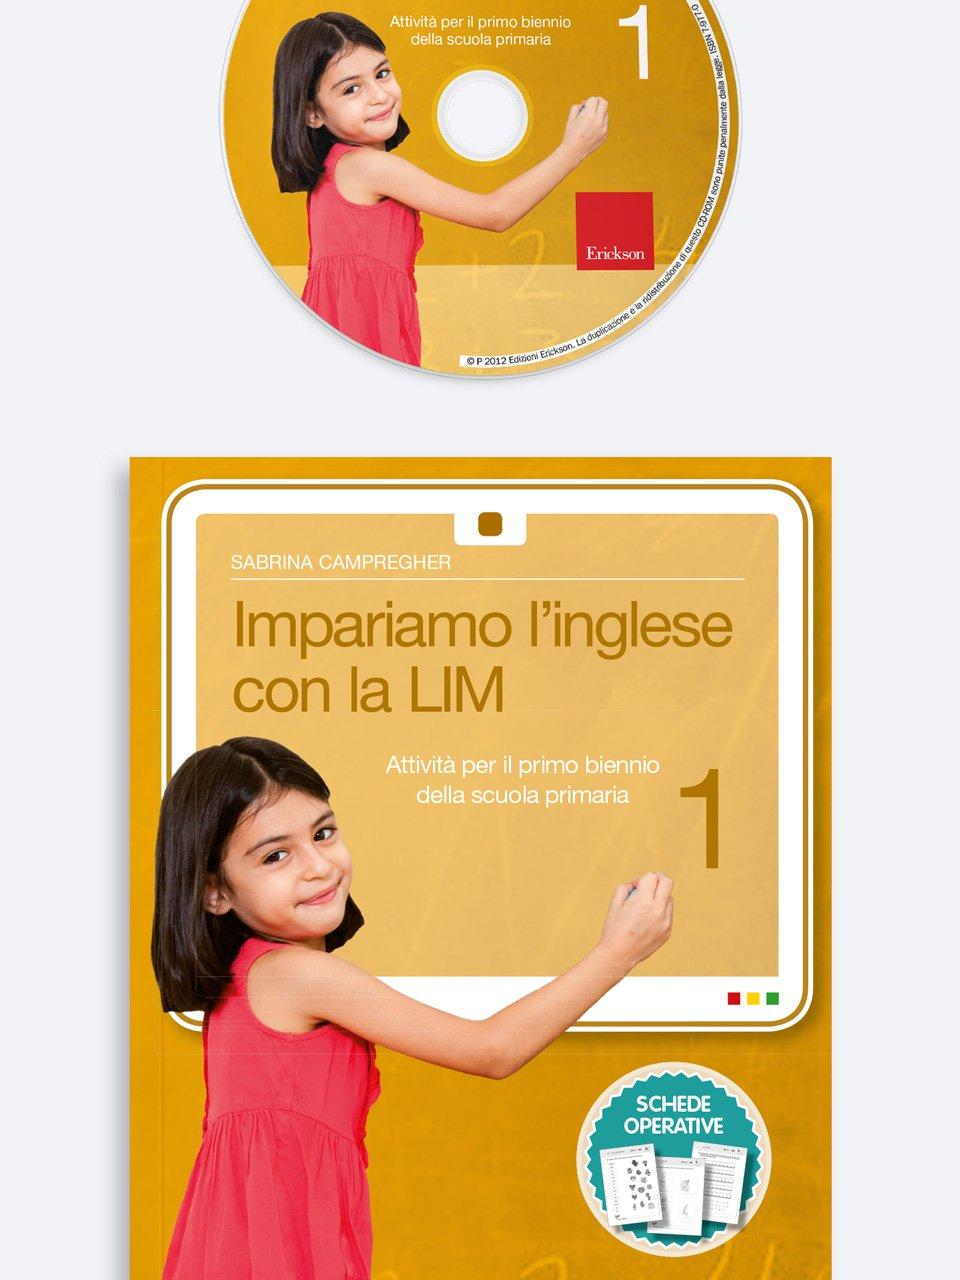 Impariamo l'inglese con la LIM 1 - Hallo Deutsch! - Libri - App e software - Erickson